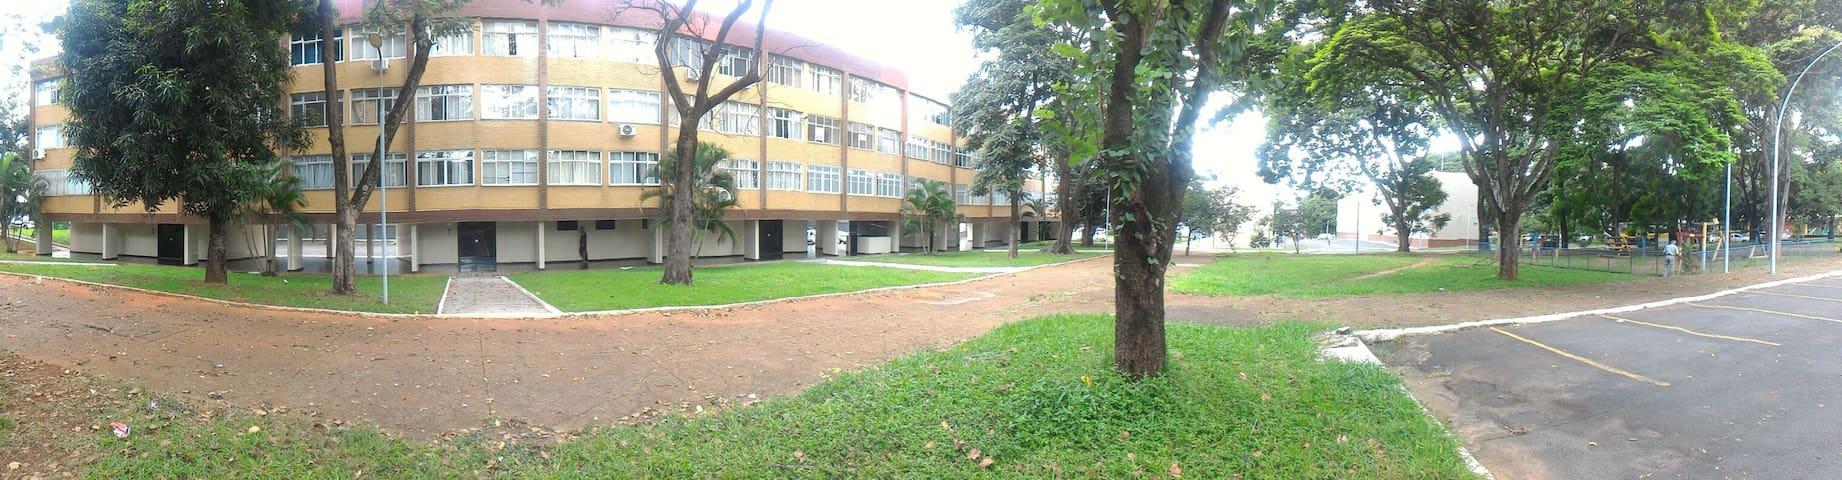 Ótima localização e fácil locomoção - Brasília - Byt